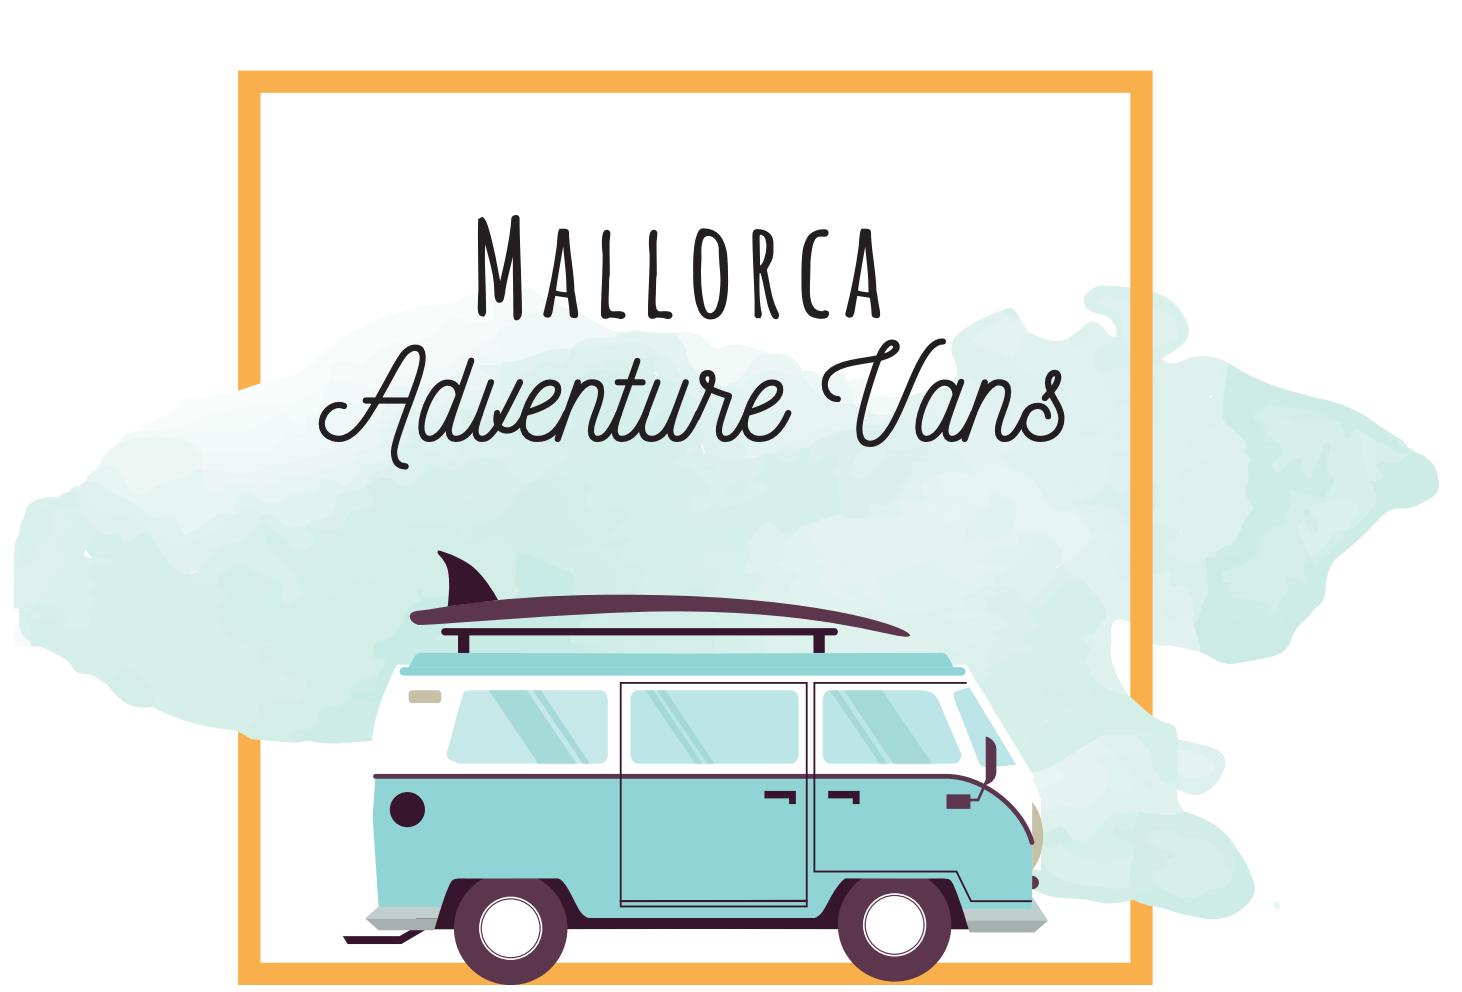 Mallorca Adventure Vans